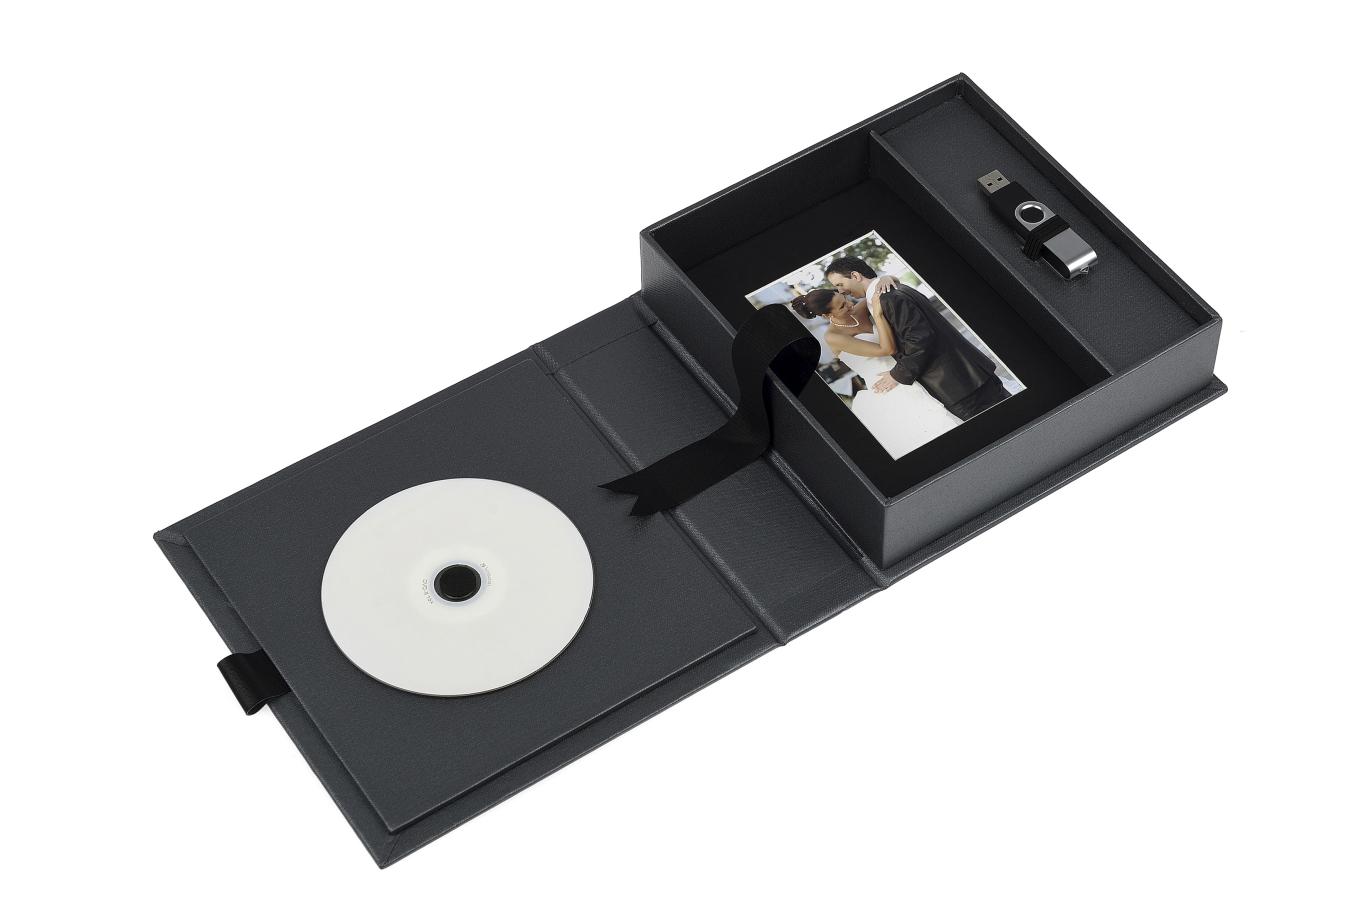 d73a6b9181 USB BOX 13X18 CD.01 - arx photolab